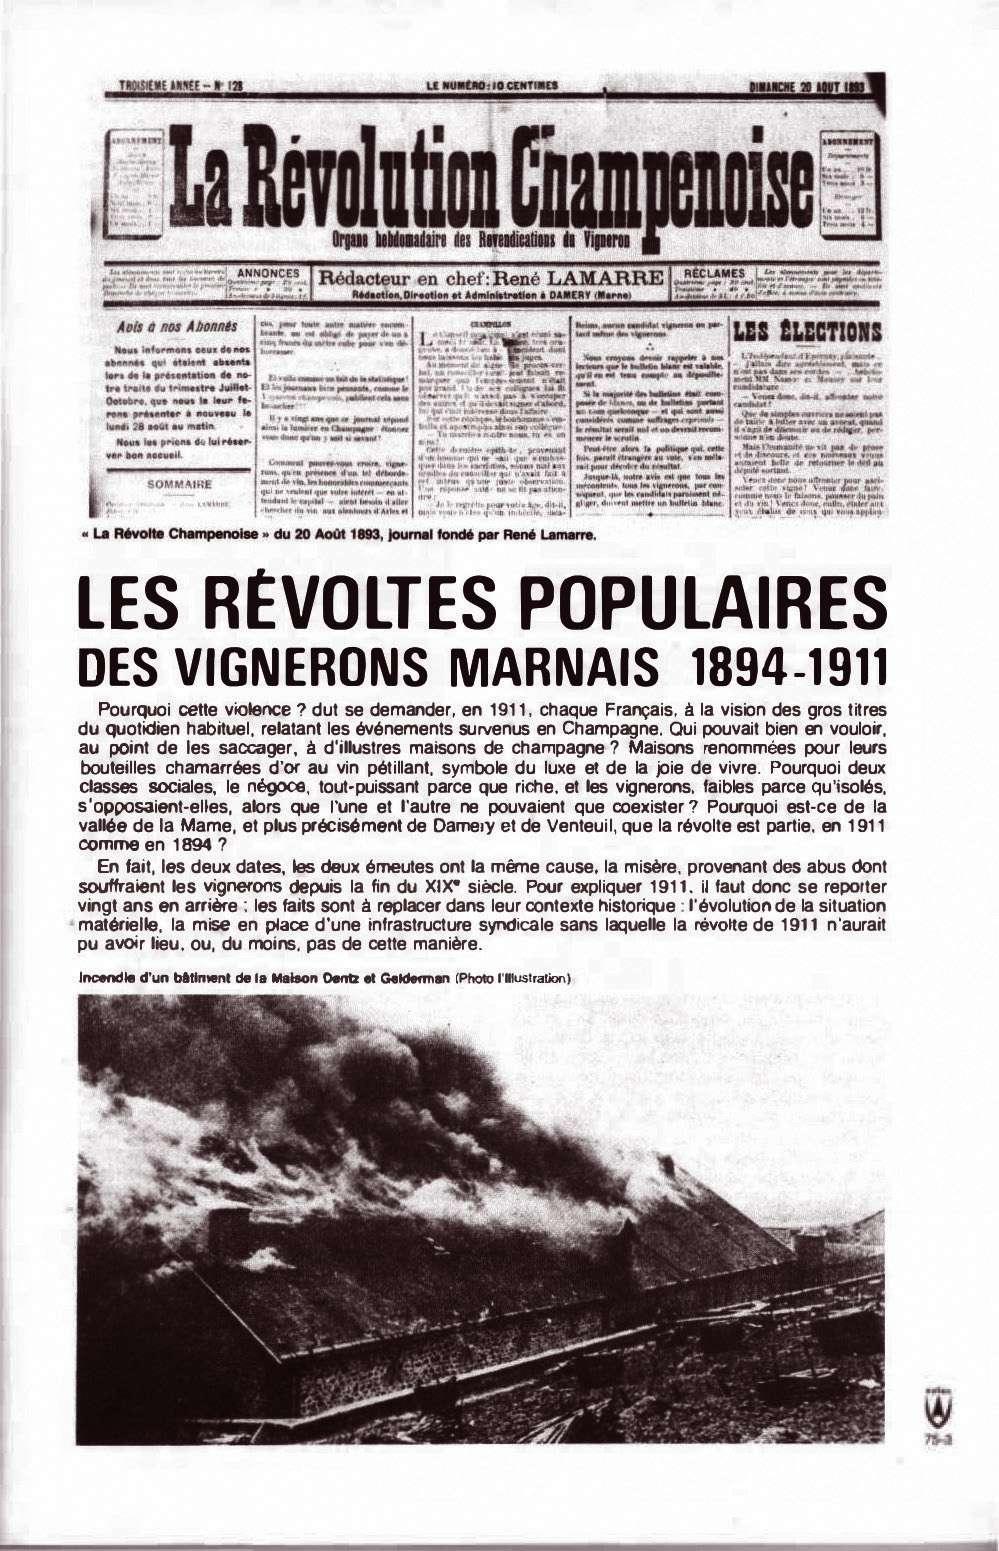 Zeitung von 1911, Revolte in der Champagne